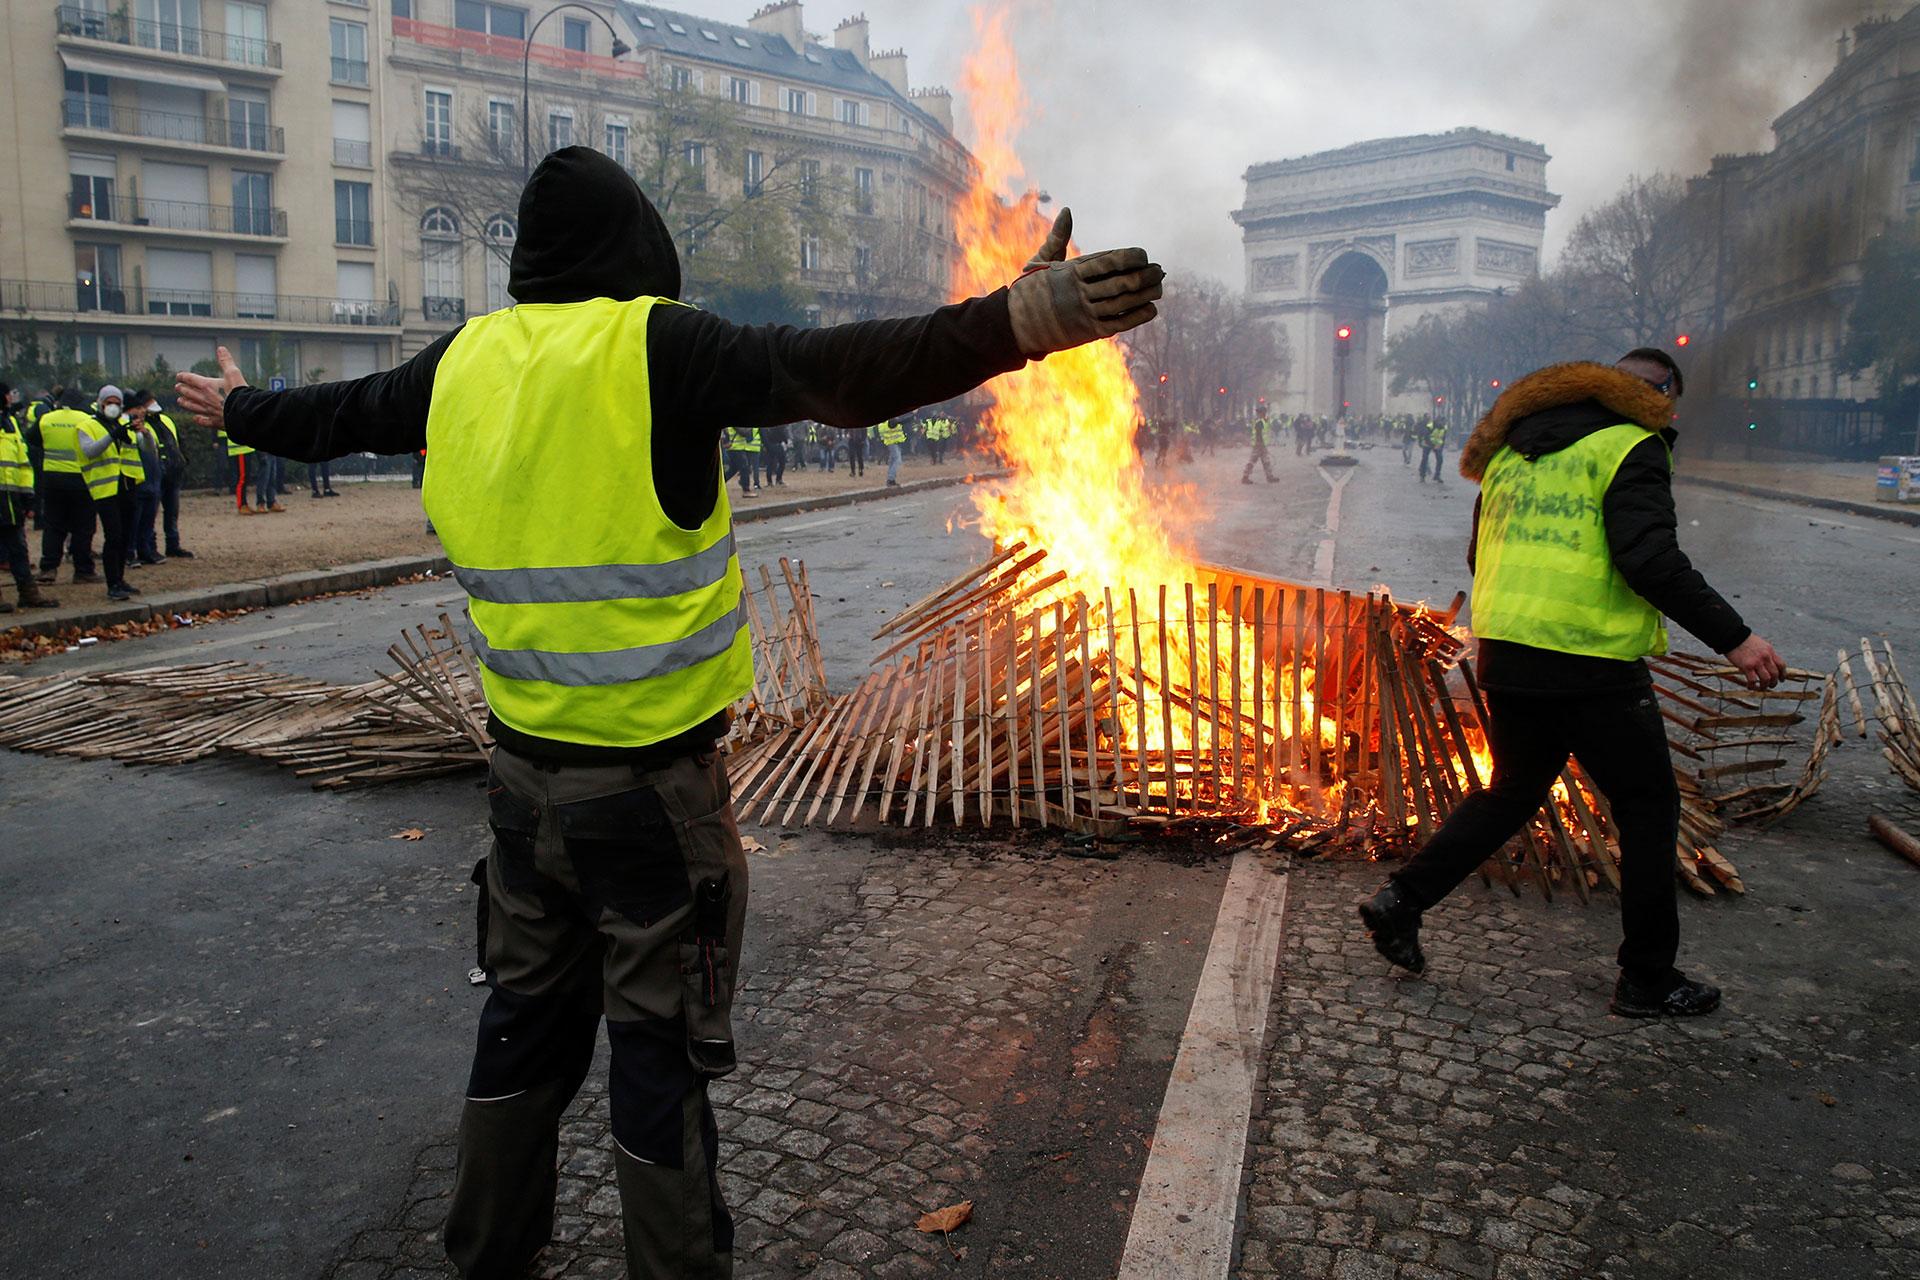 Más de 100 personas fueron detenidas este sábado durante enfrentamientos con las fuerzas de seguridad en París (AFP)